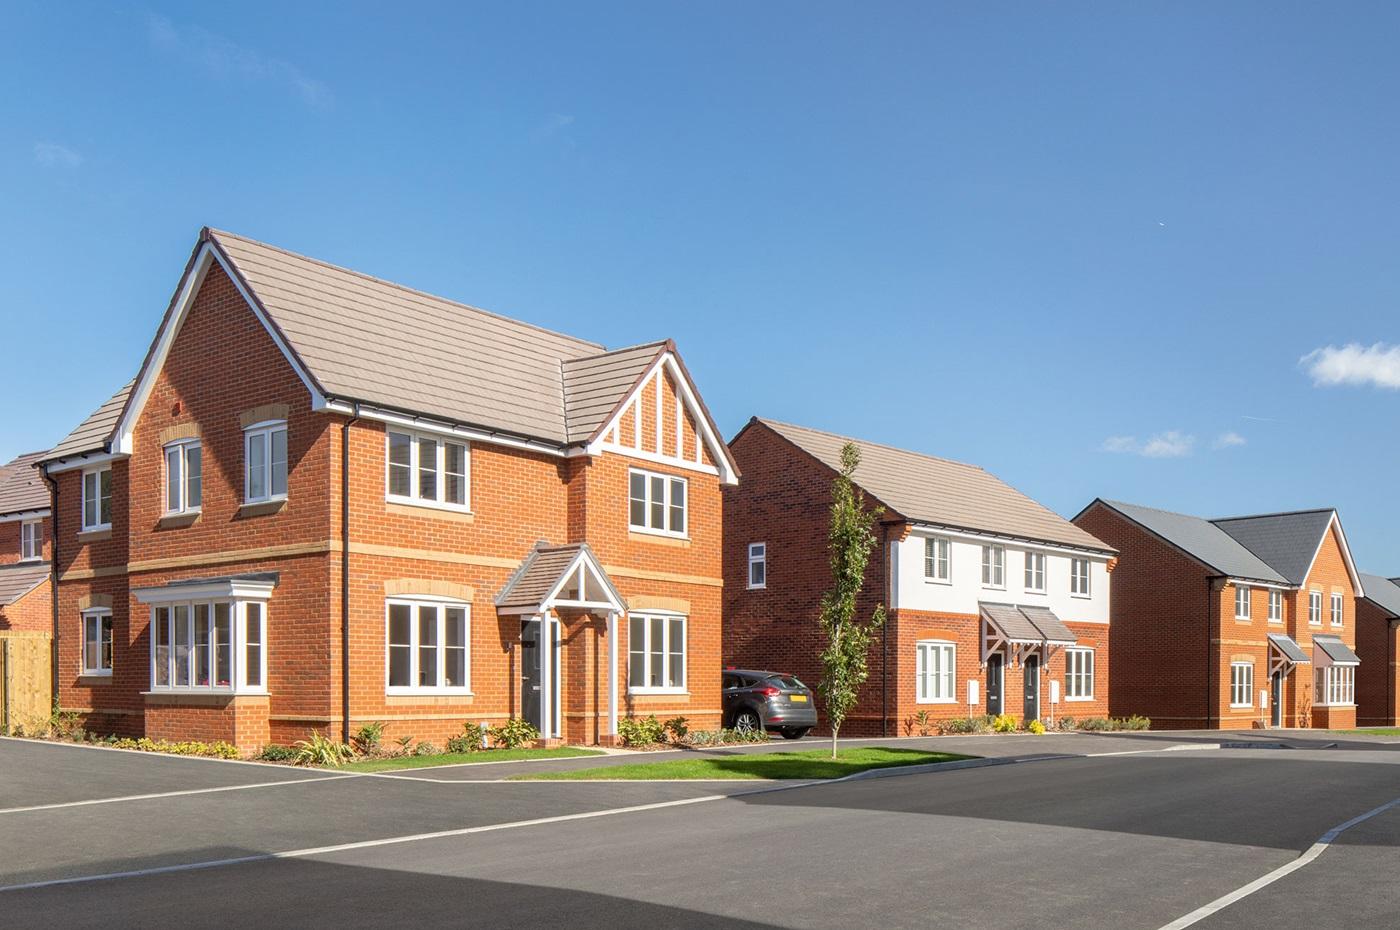 Planning granted for major new residential development